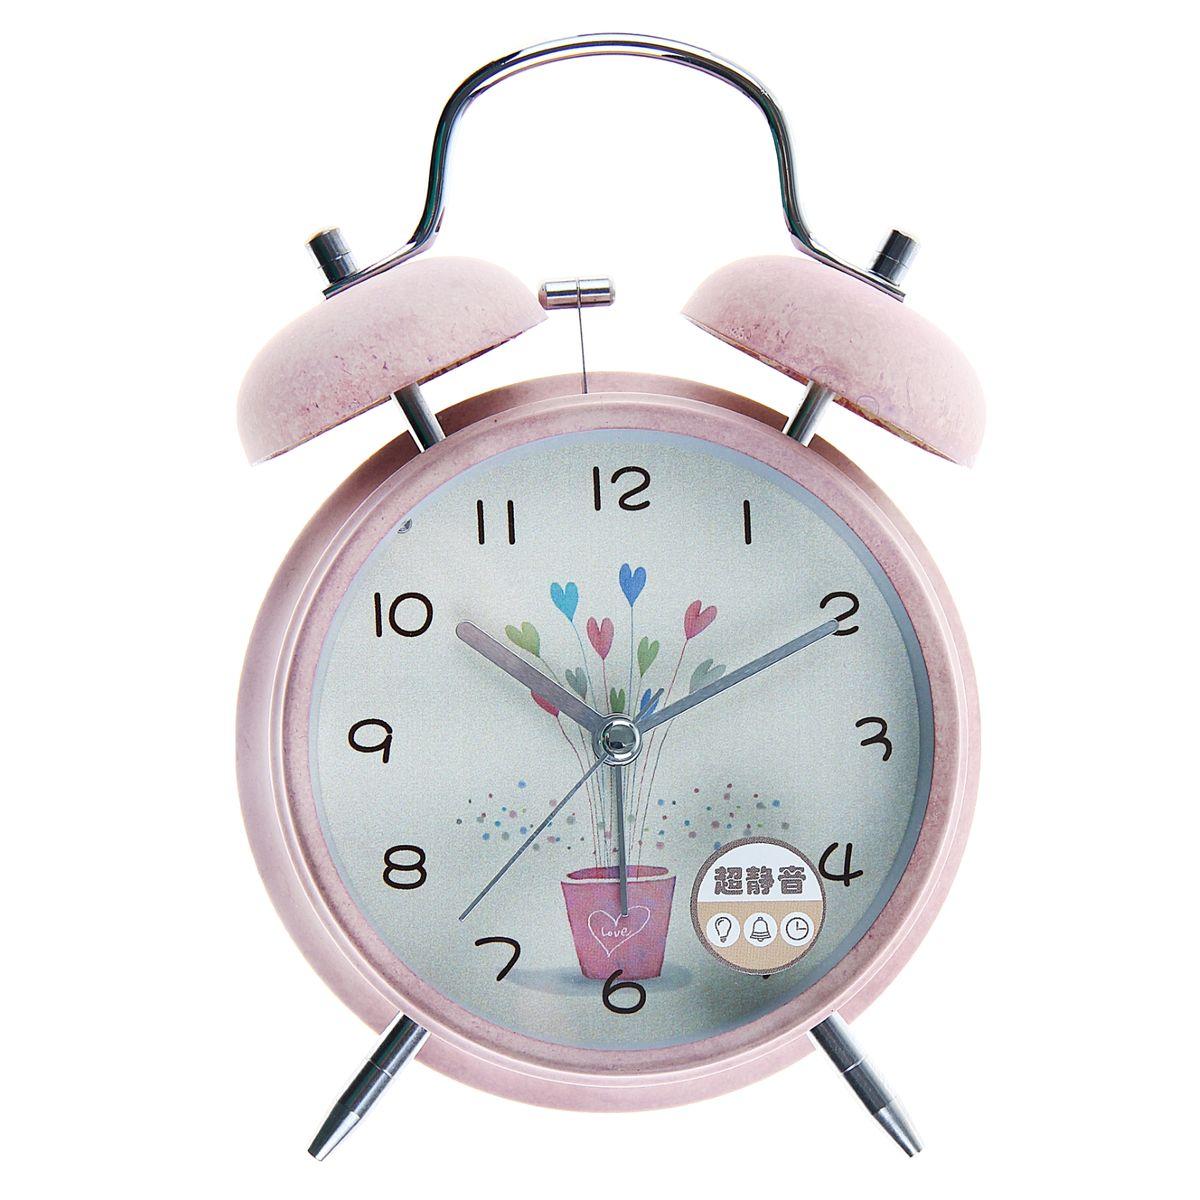 будильник d=11,5см 2 звоночка на циферблате Букет из сердечек, розовые 105642915117058Металл, стекло, пластик, от батареек НЕ в к-те